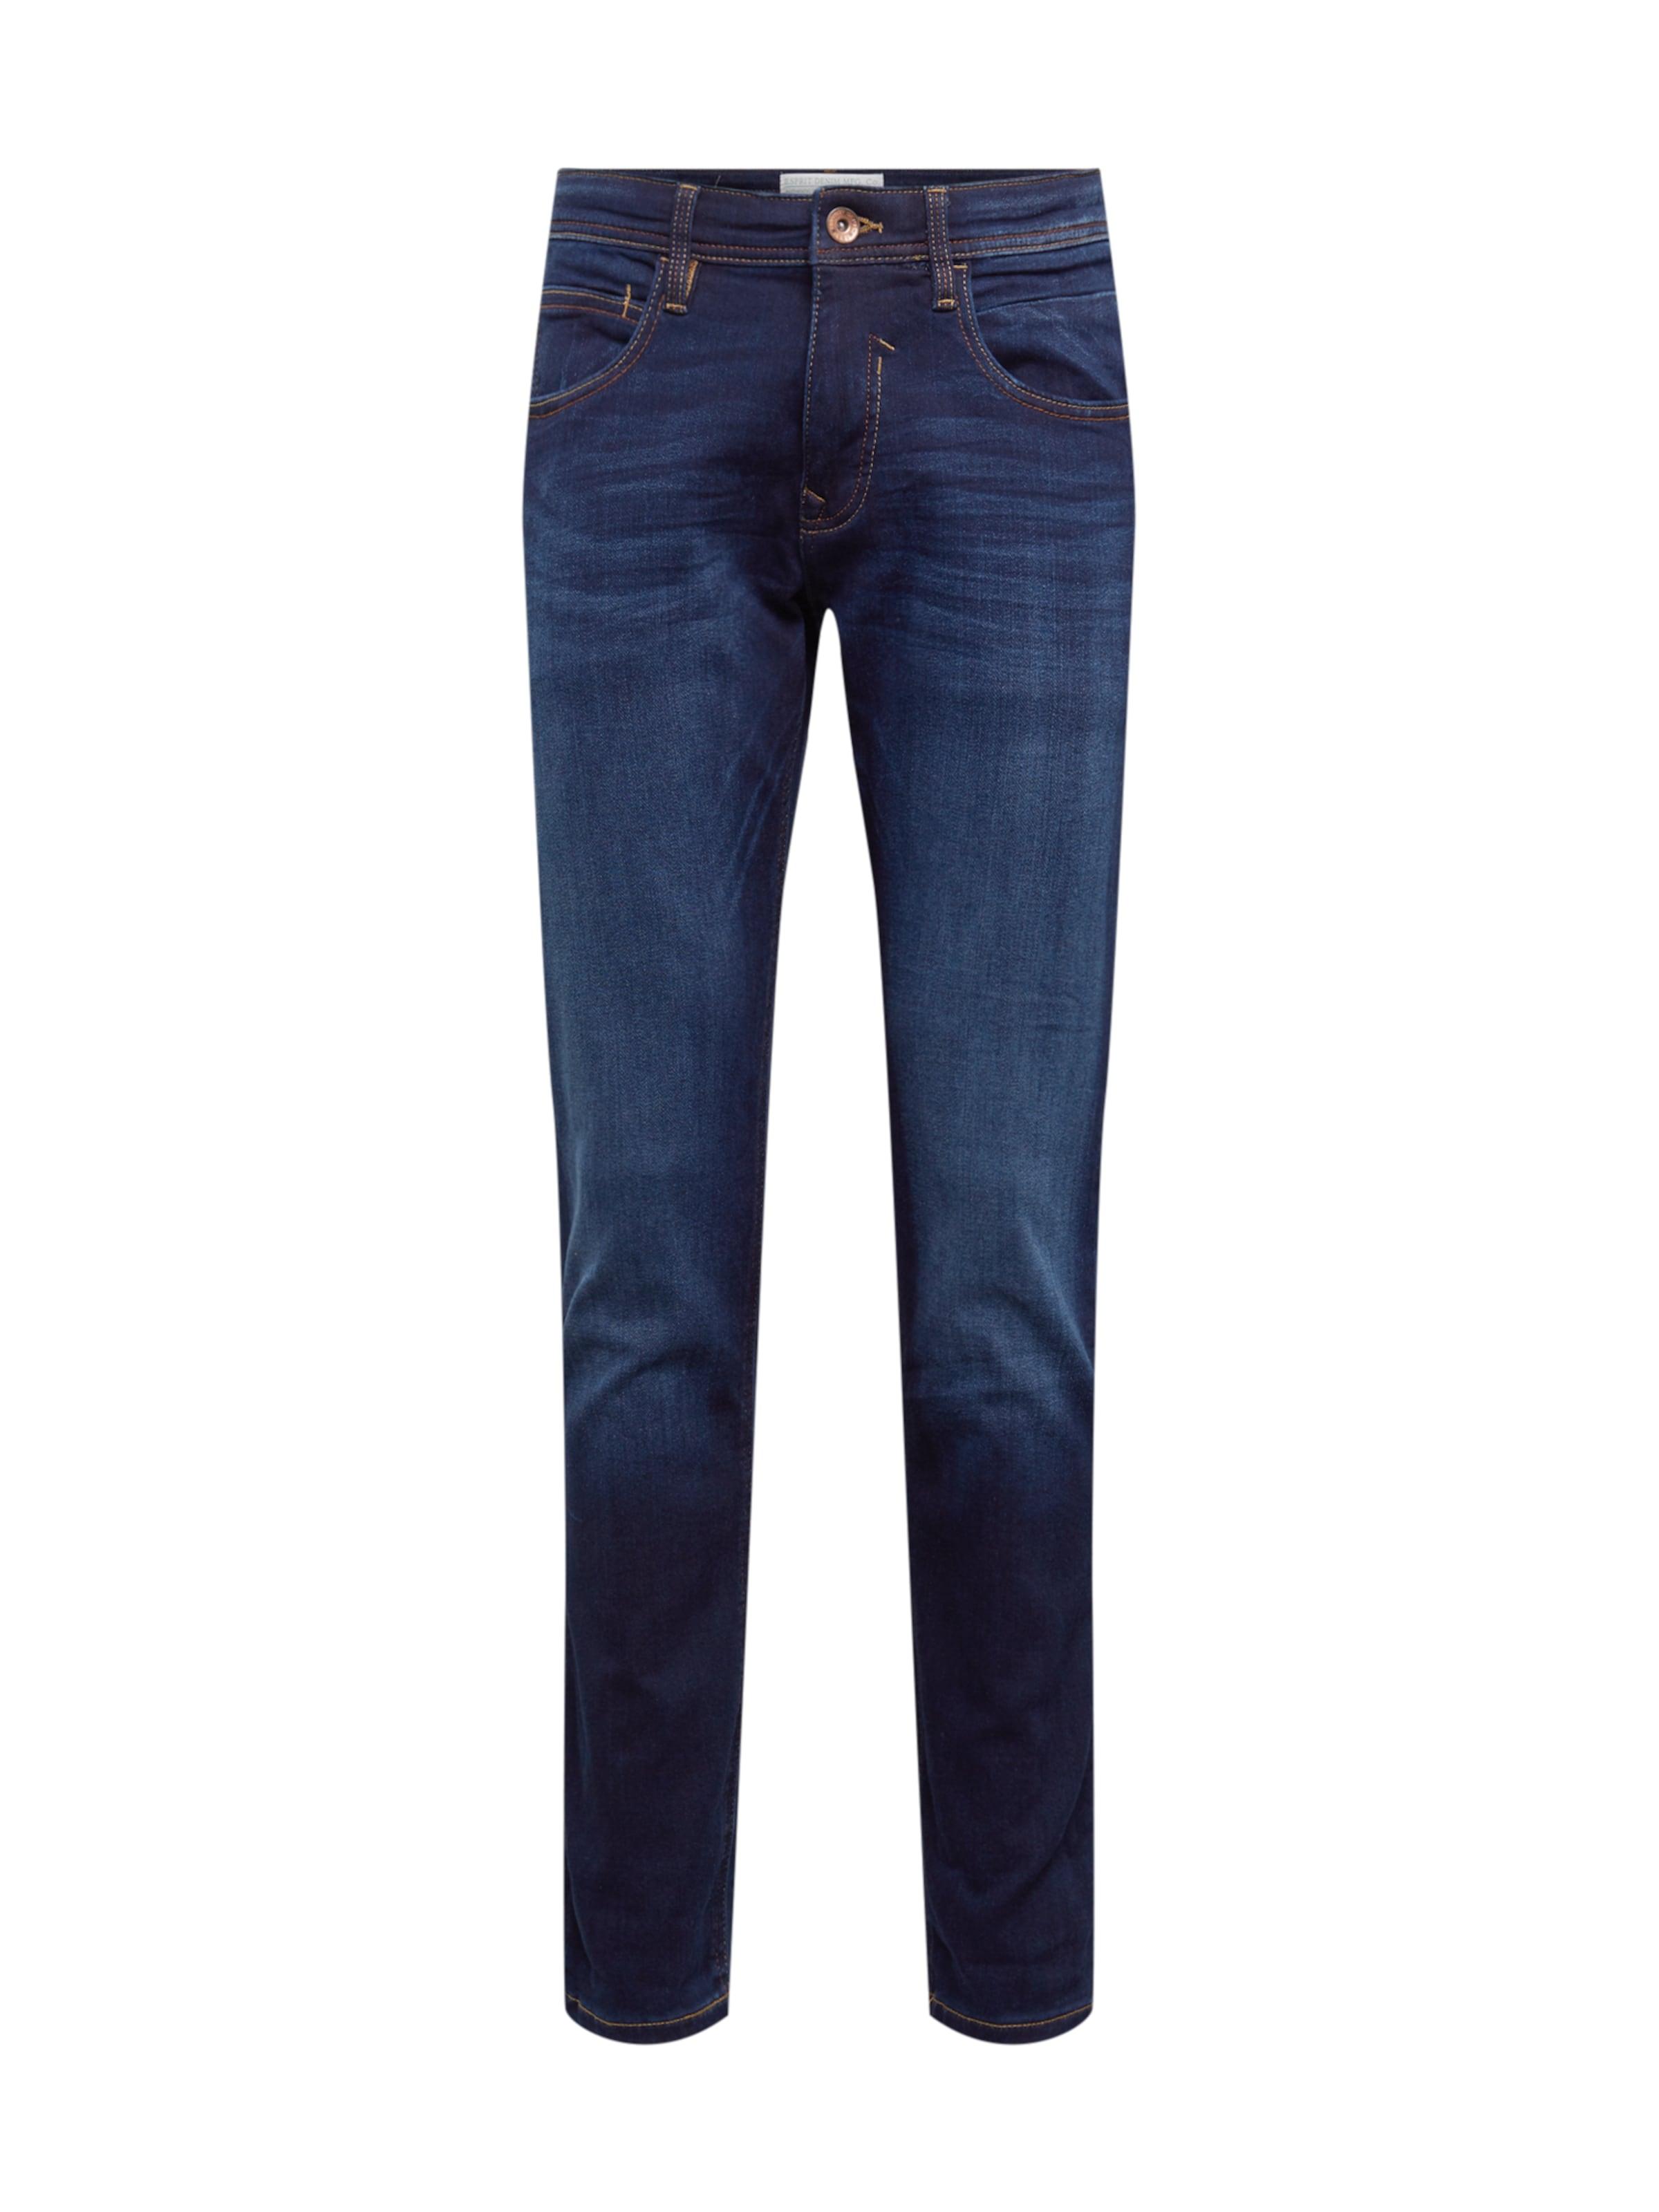 Esprit In Jogg' Denim F Dnm Blue Jeans 'ocs 0wm8Nn